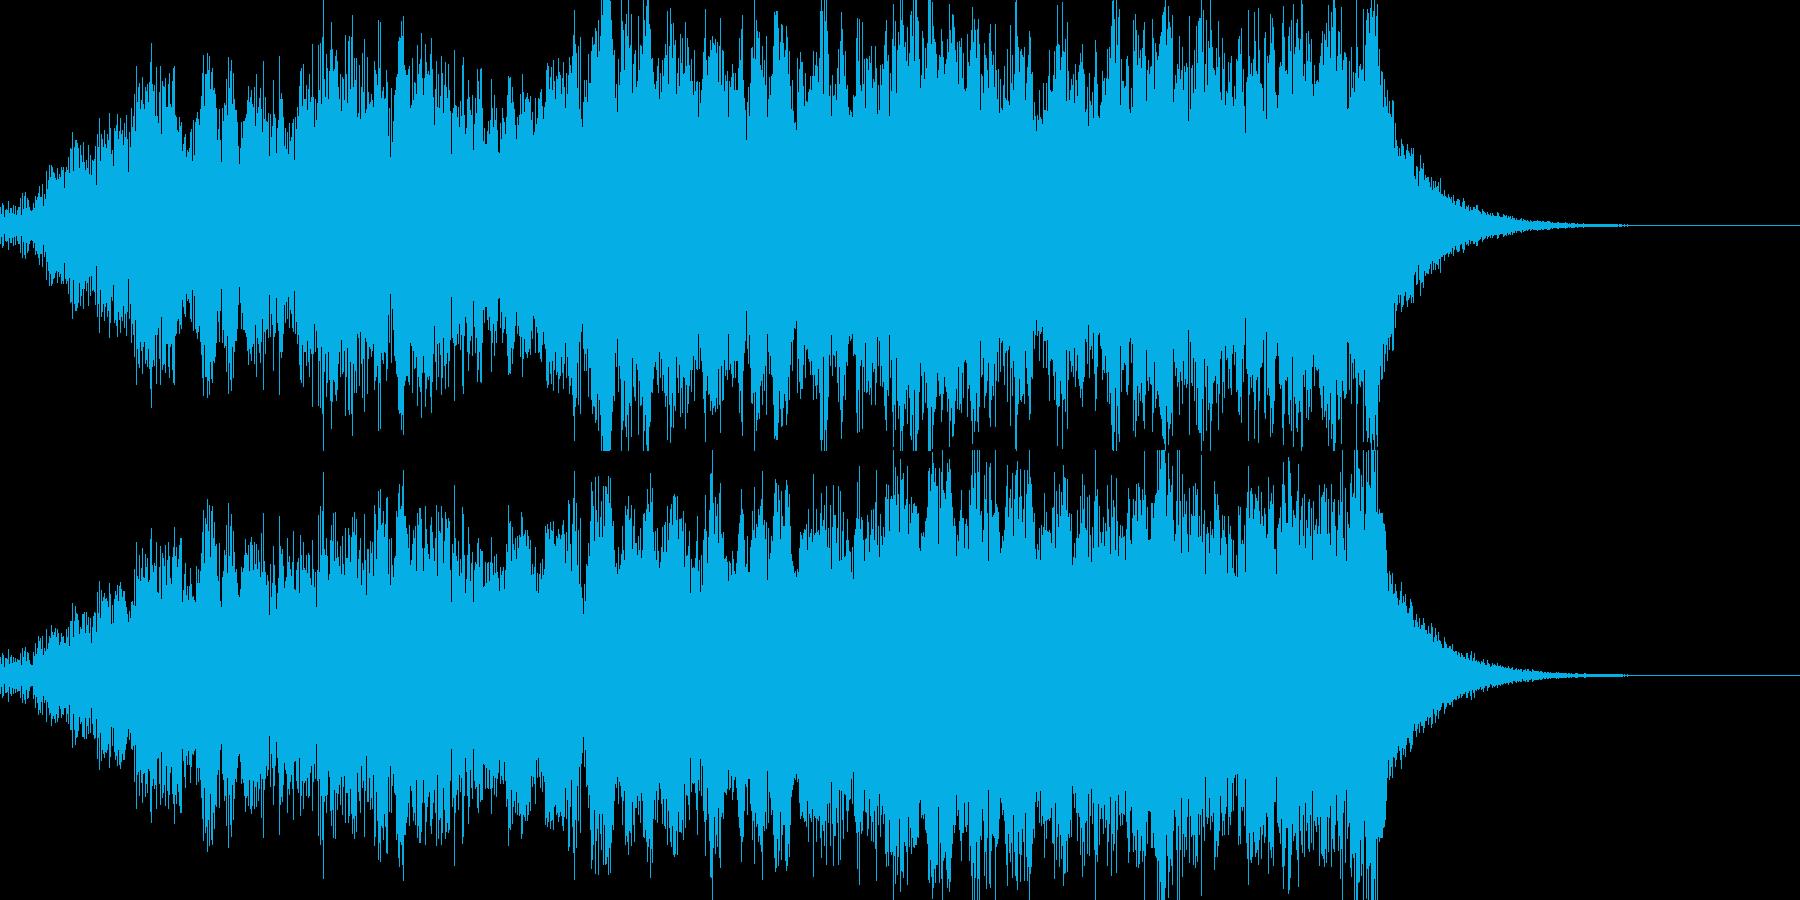 重圧・予兆イメージのジングルの再生済みの波形